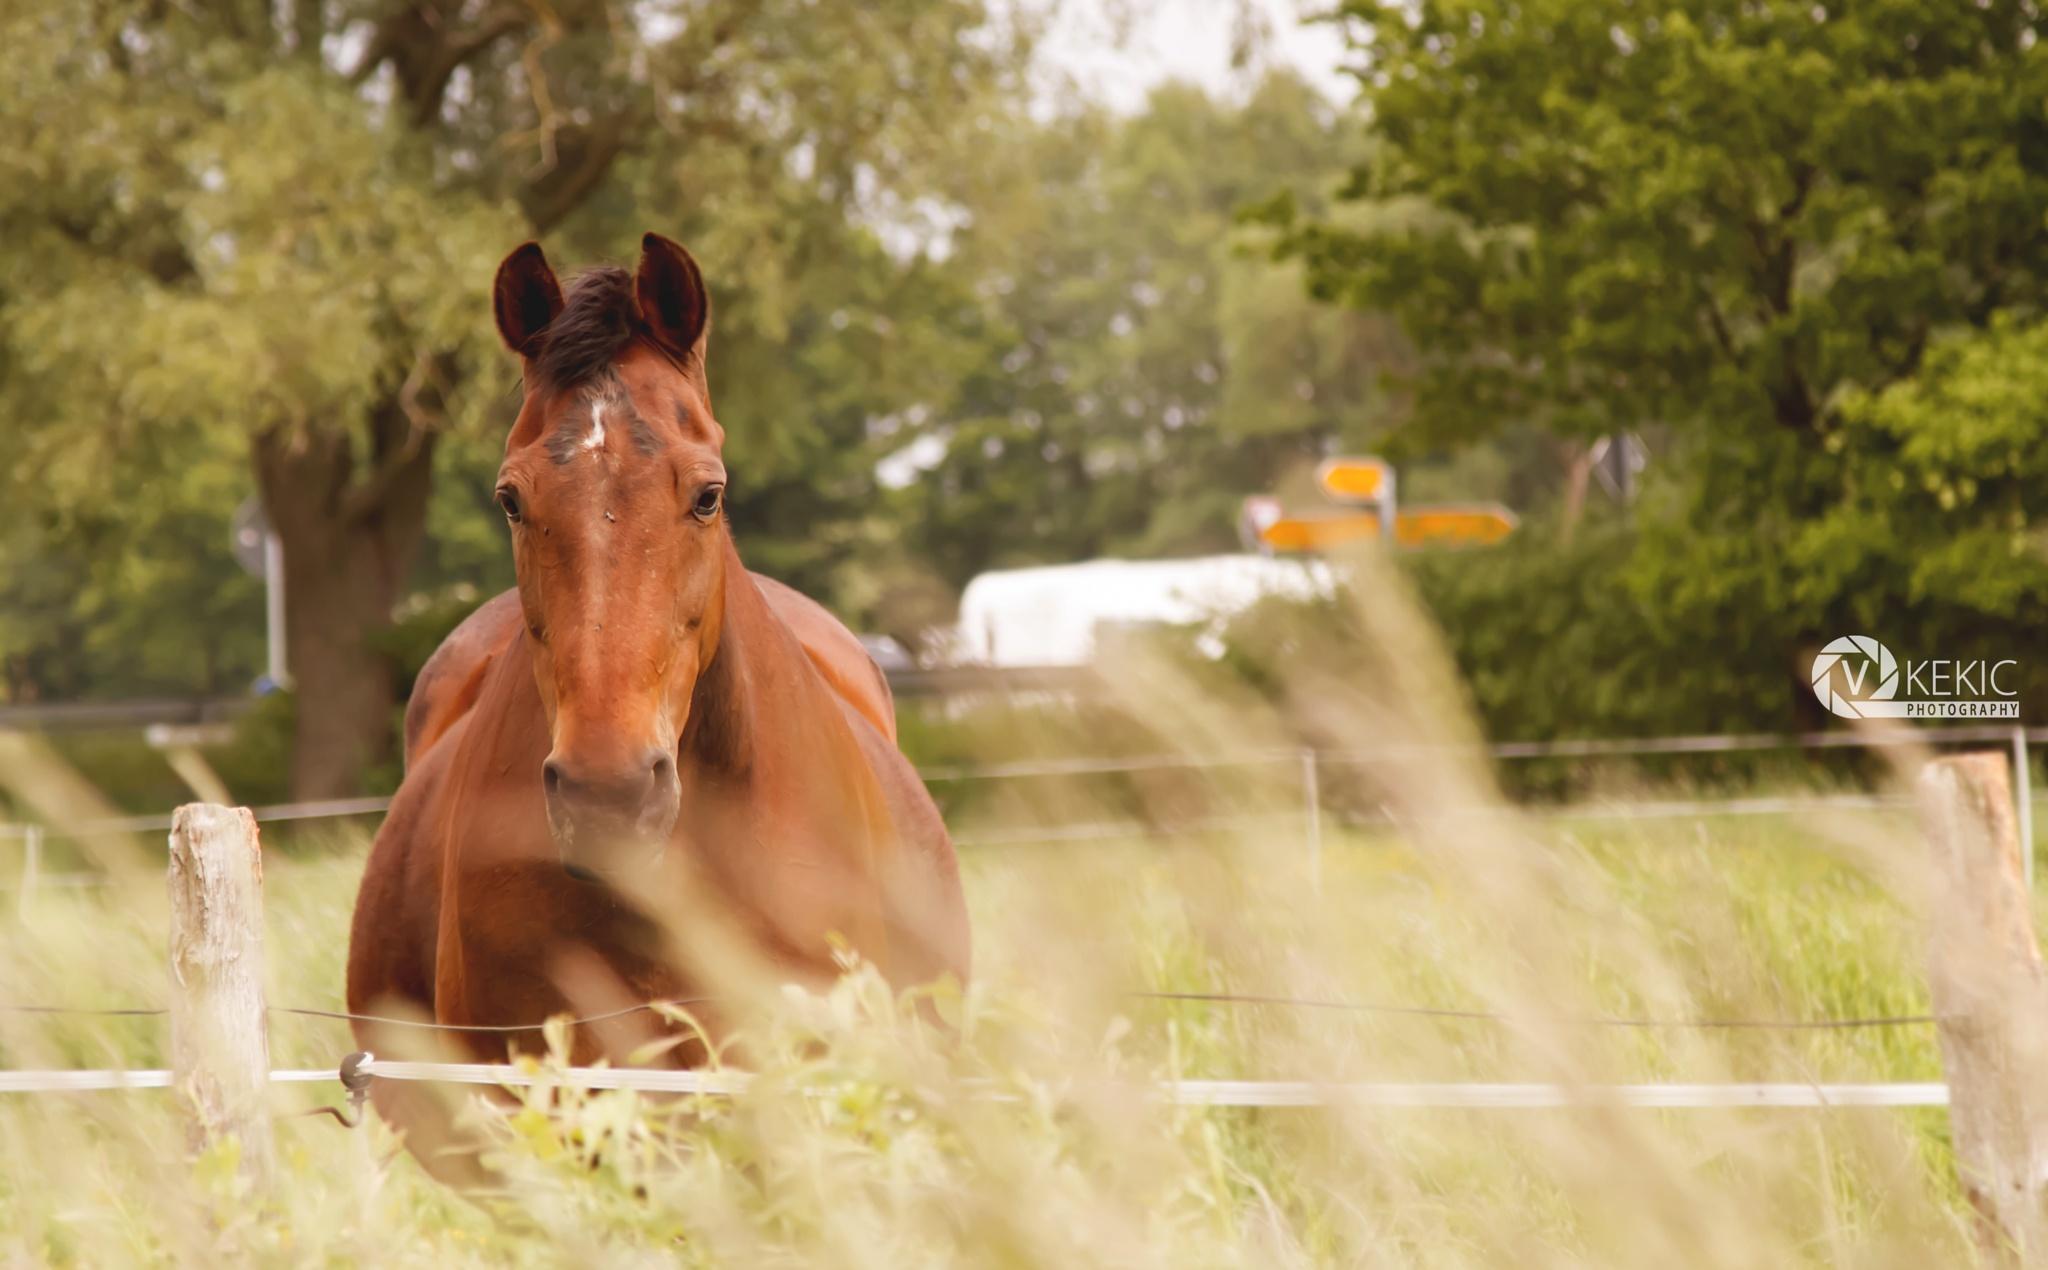 Horse Power by v_kekic